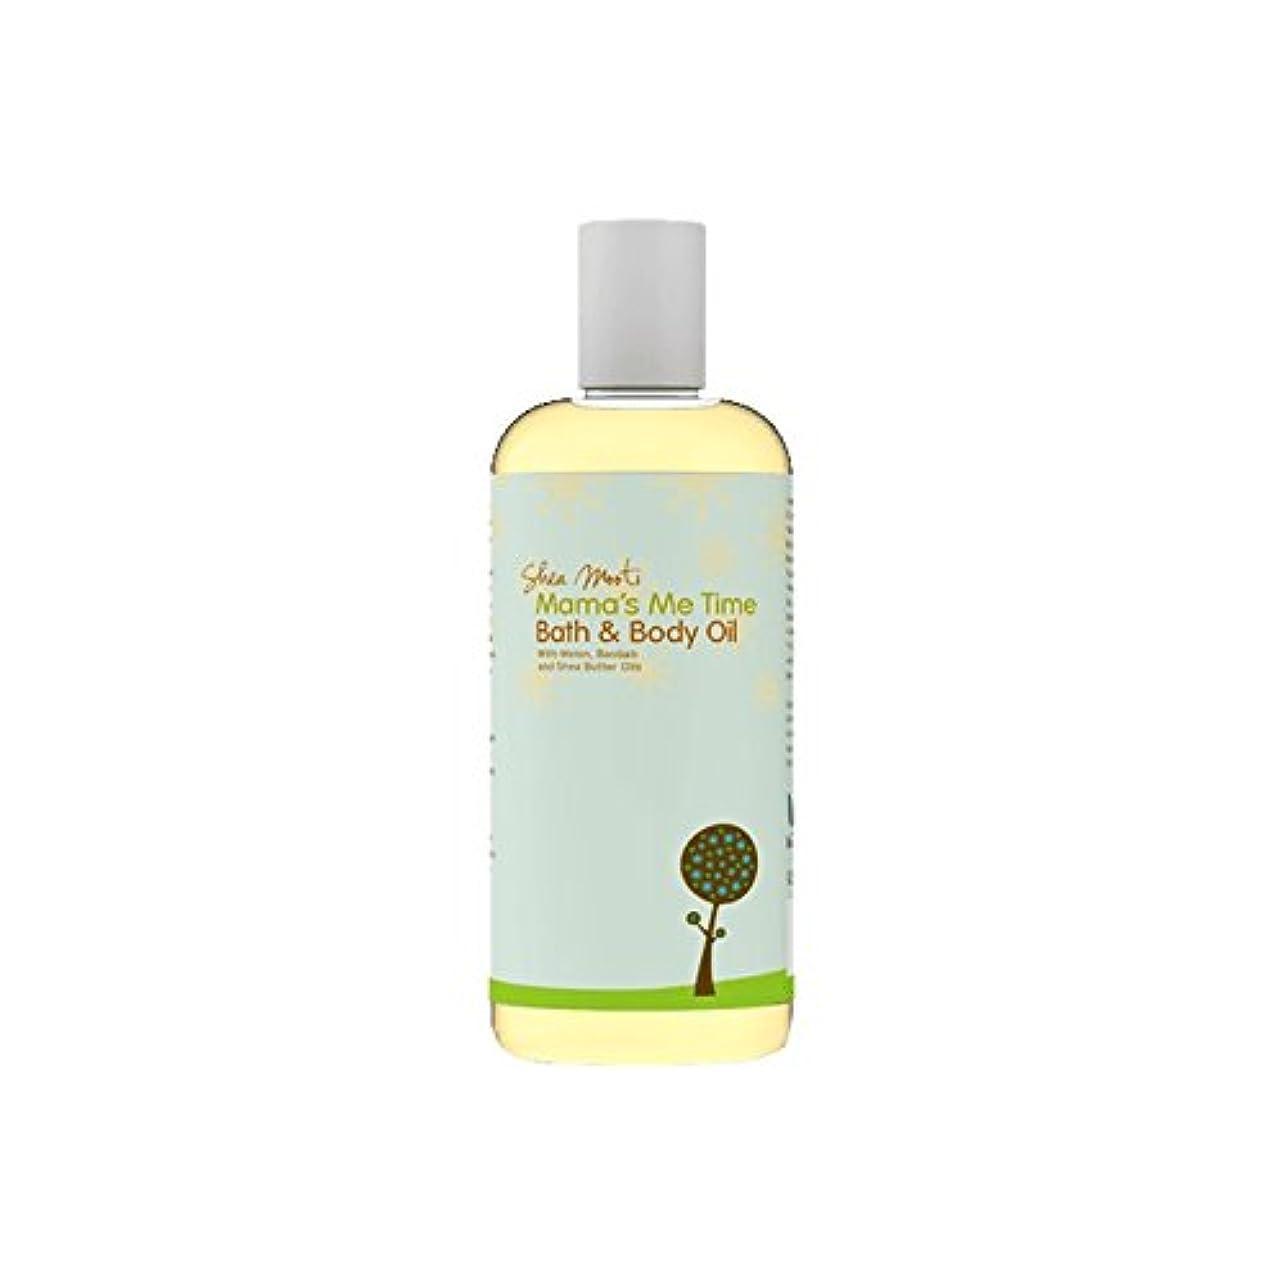 サドル爆風地殻Shea Mooti Mama's Me Time Bath and Body Oil 110g (Pack of 2) - シアバターMootiママの私の時間のバス、ボディオイル110グラム (x2) [並行輸入品]